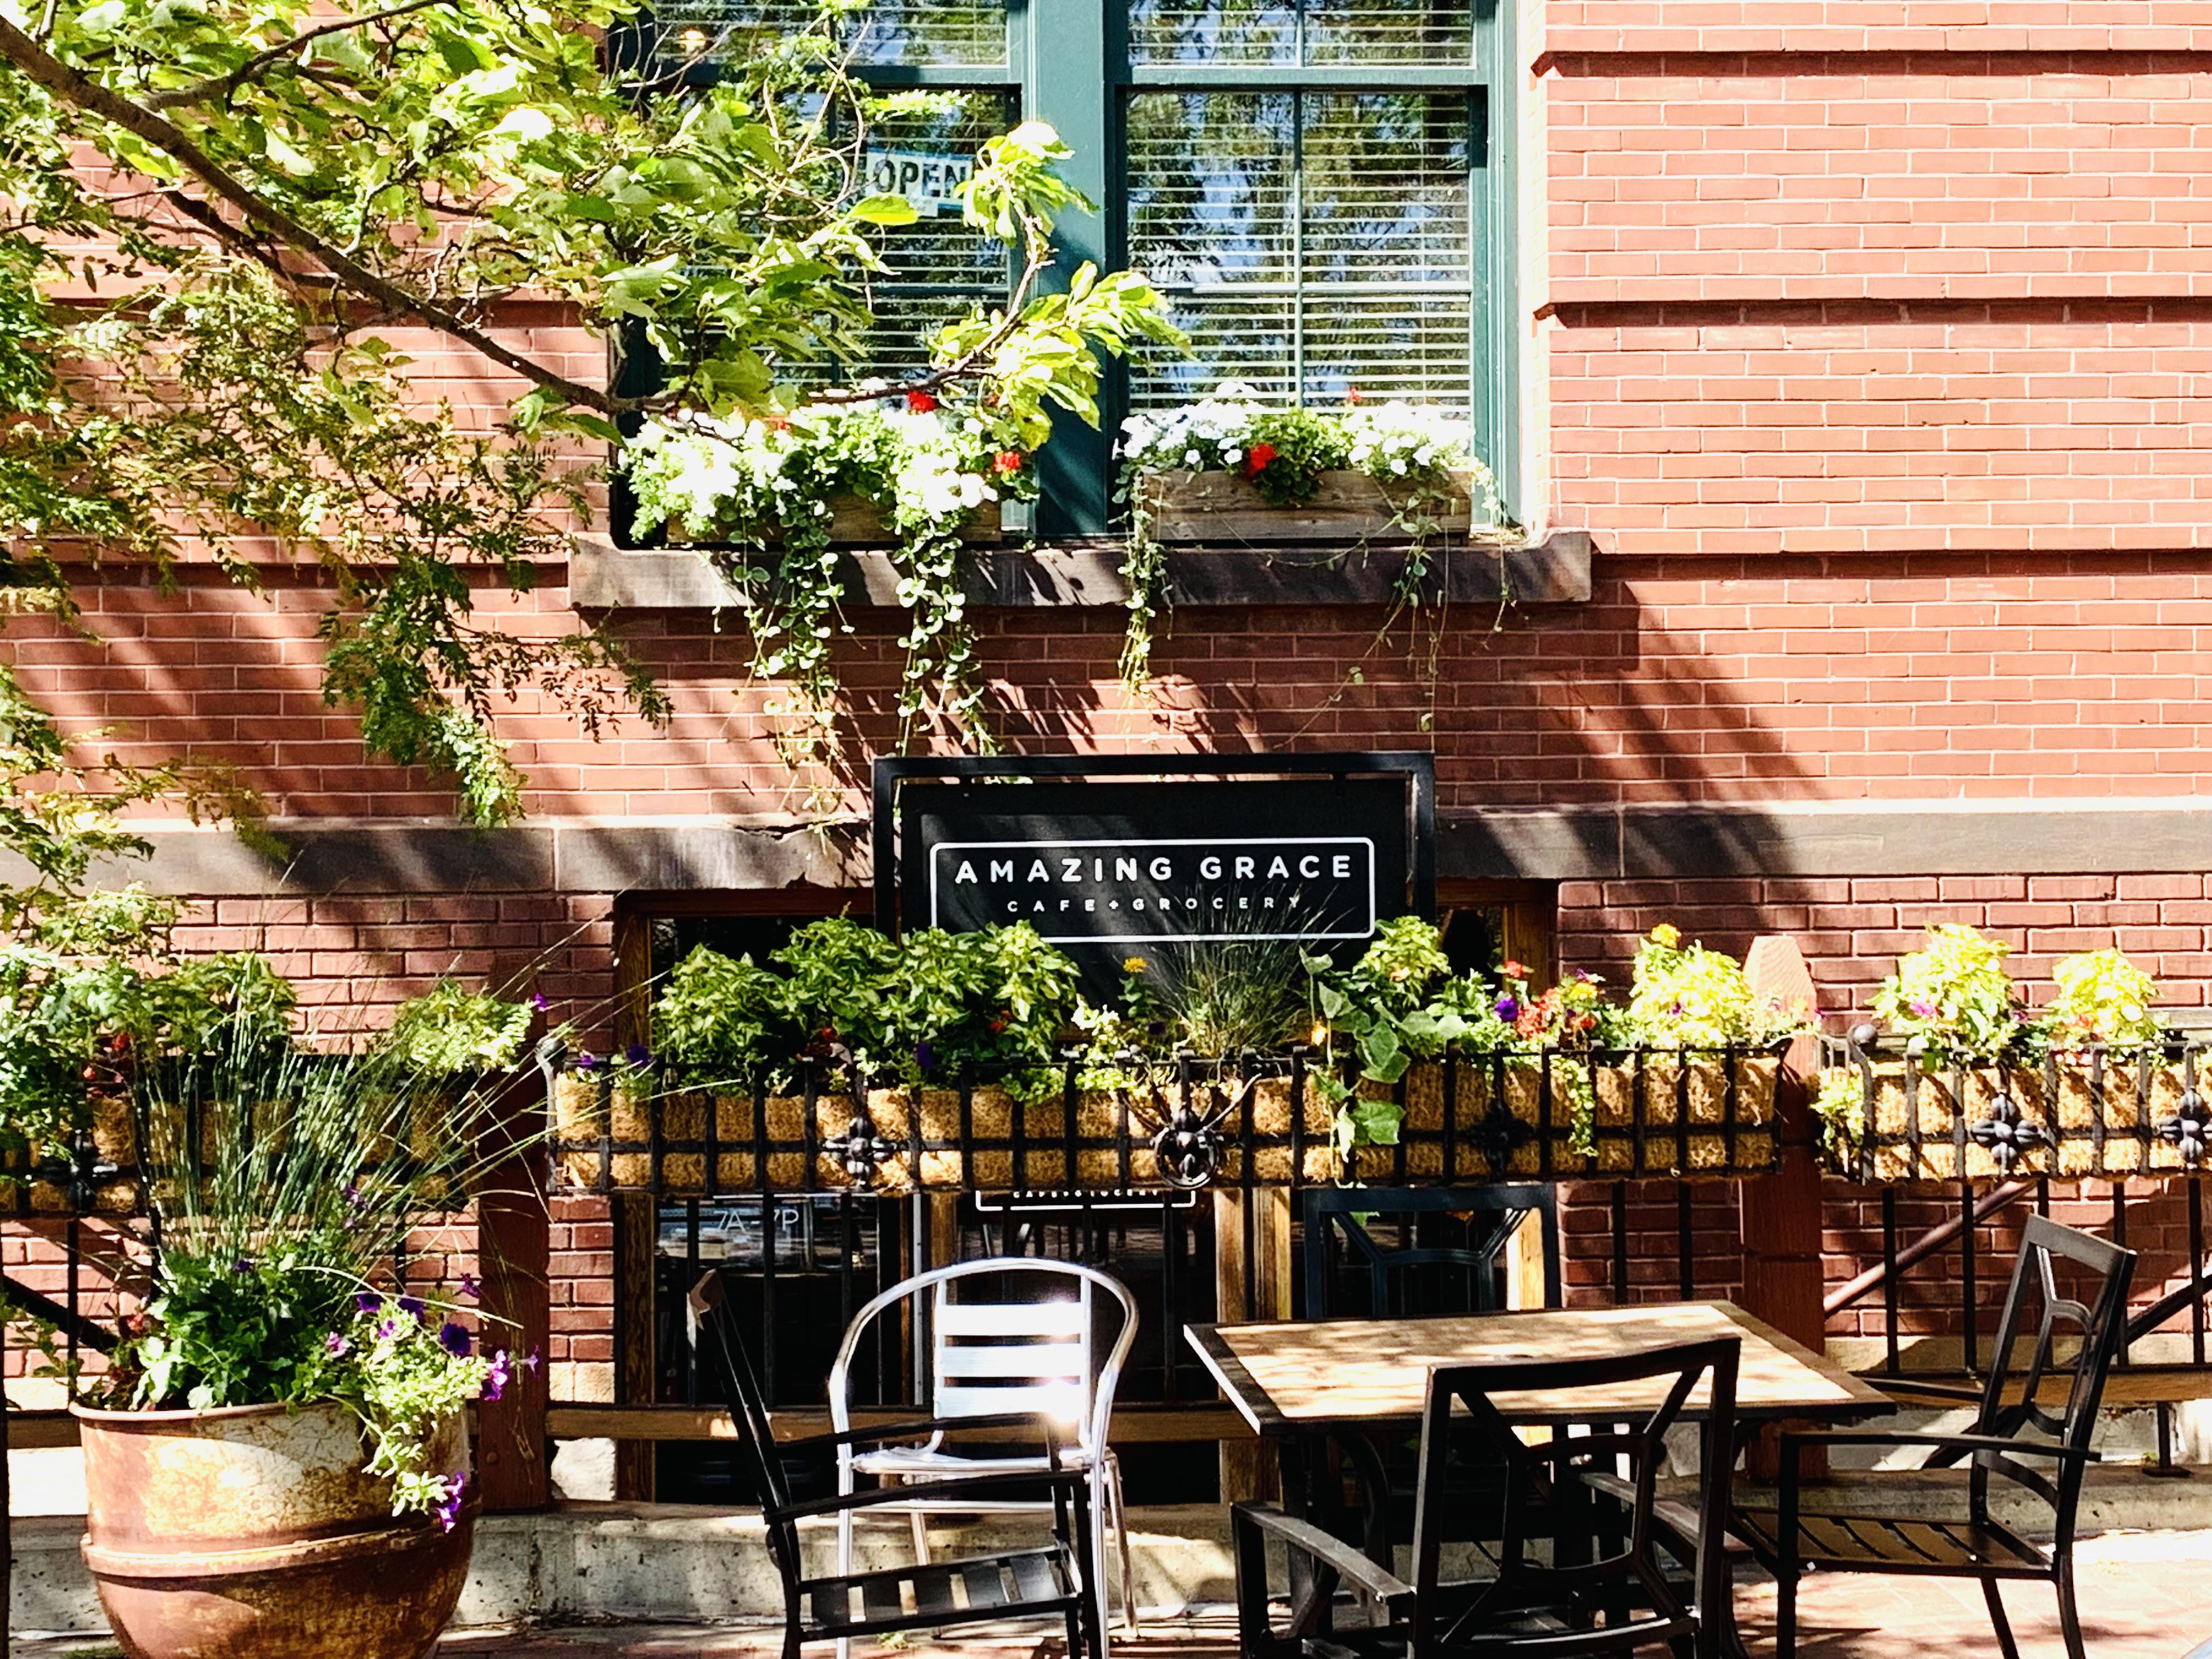 Amazing Grace cafe